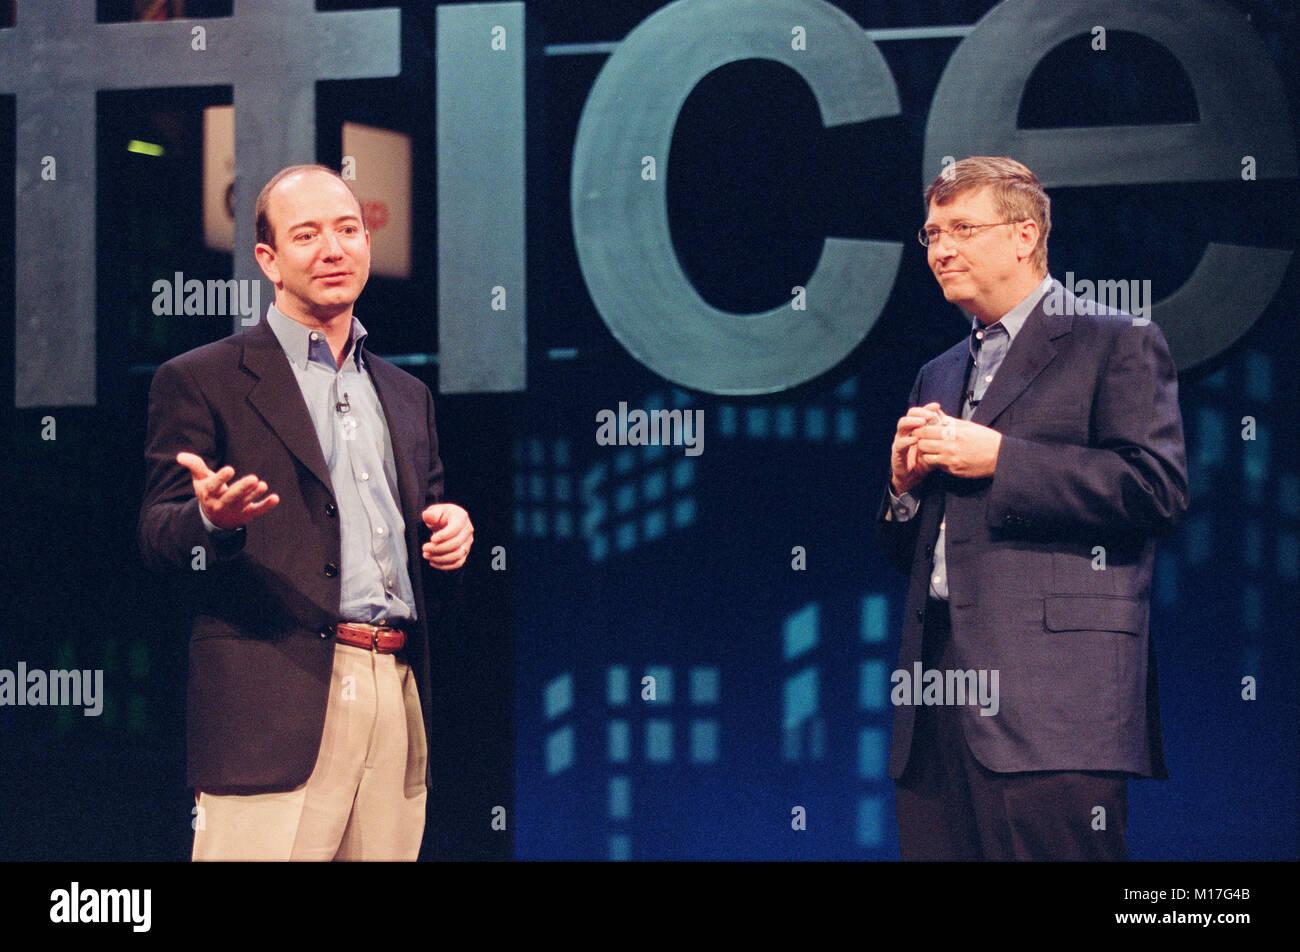 Amazon Com Ceo Jeff Bezos L With Microsoft Ceo Bill Gates R At